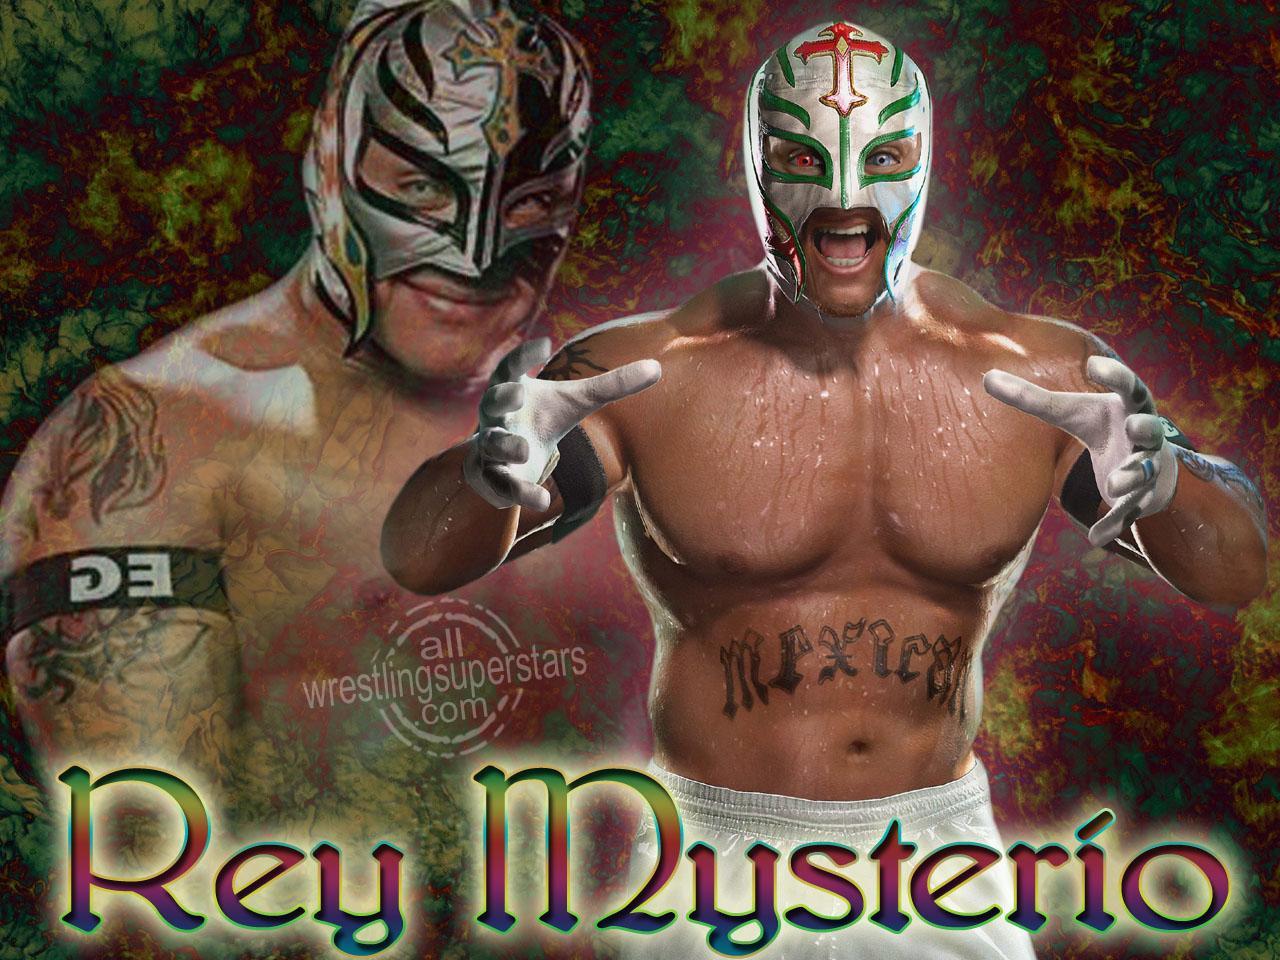 http://4.bp.blogspot.com/_qugUDYn9D2c/TTBB-2rVUcI/AAAAAAAAAHA/EqCrzhZjZ_4/s1600/wwe-wallpapers-rey-mysterio-8.jpg